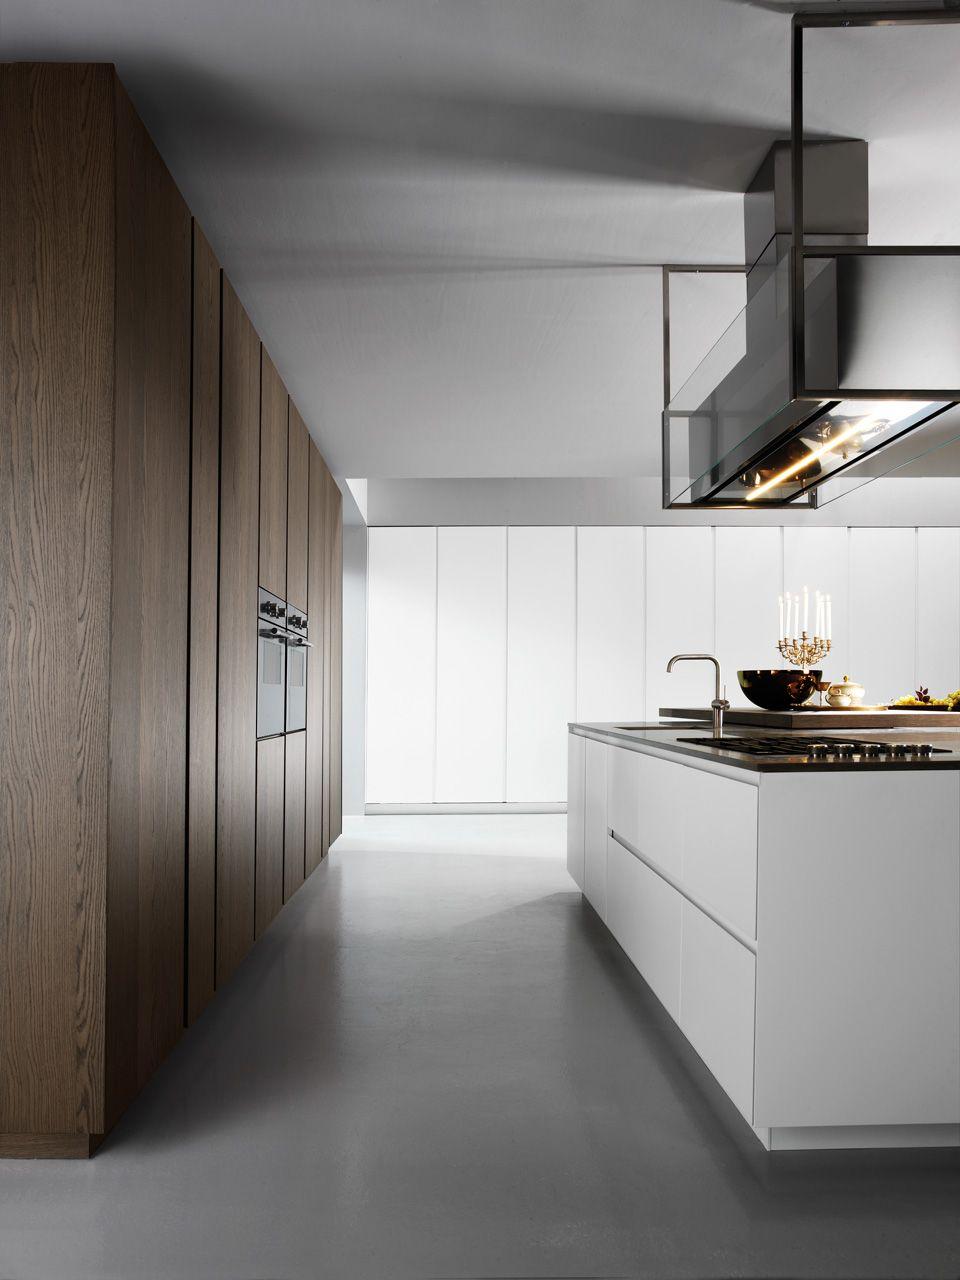 Pin Di Asli74 Su Kitchens Cucine Moderne Design Della Cucina Interni Della Cucina